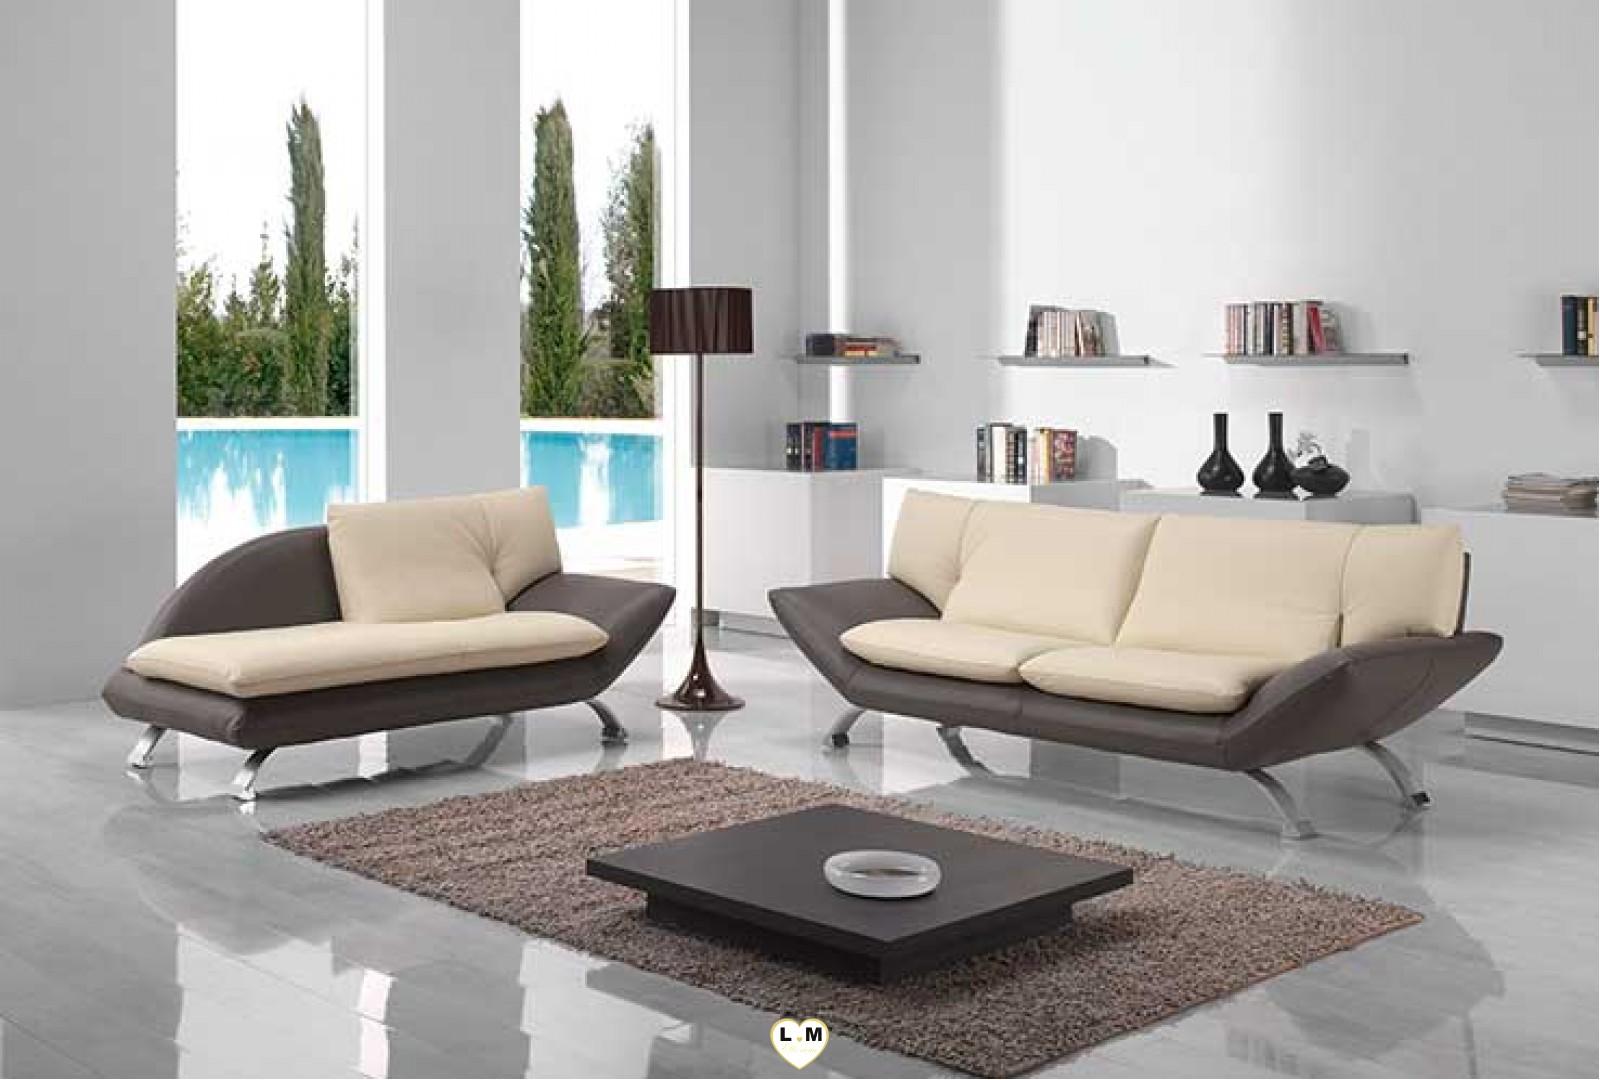 berenice salon cuir l 39 ensemble canapes 3 places dormeuse meridienne gauche2 places a s. Black Bedroom Furniture Sets. Home Design Ideas